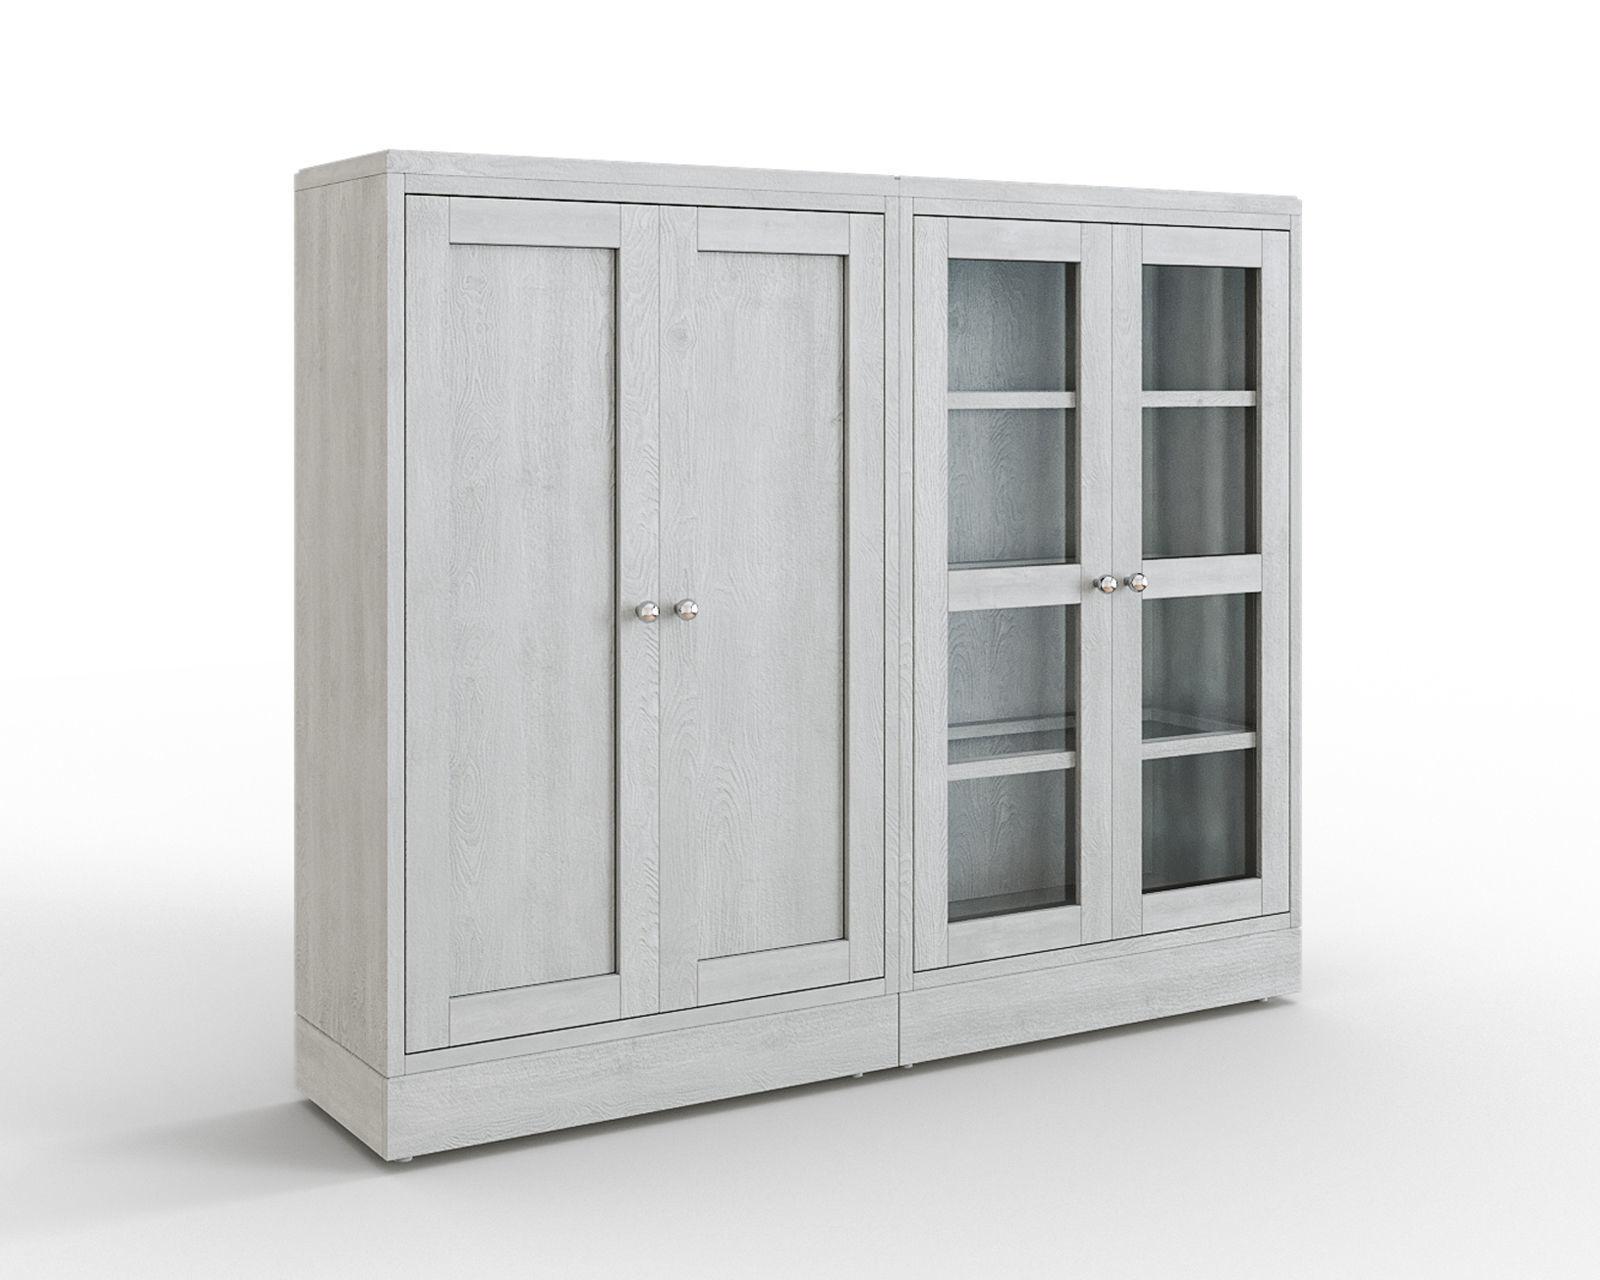 HAVSTA Storage combination w glass doors gray